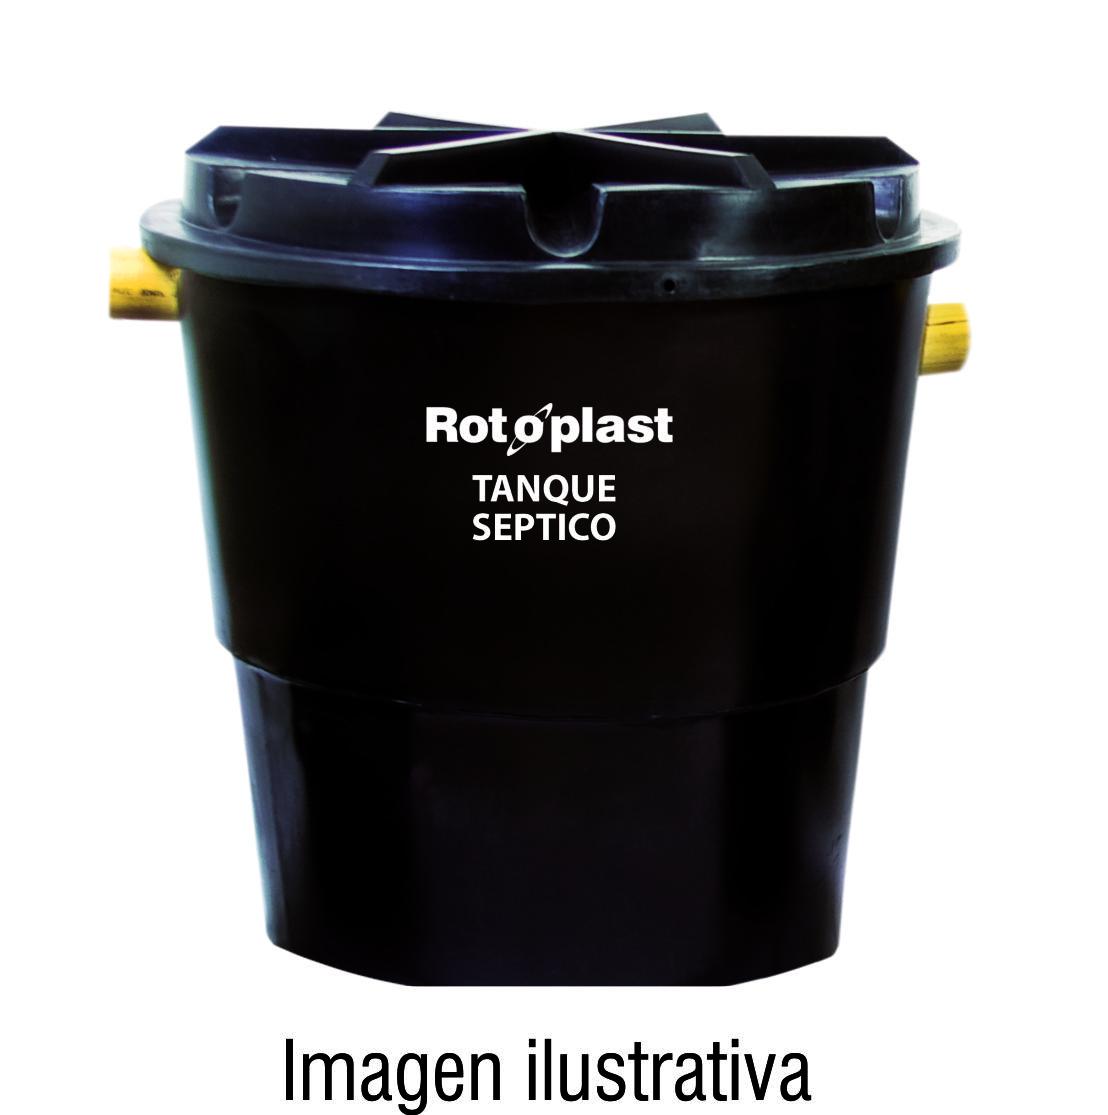 Tanque-Séptico-Rotoplast-C.t.-Negro-Riego-Y-Aguas